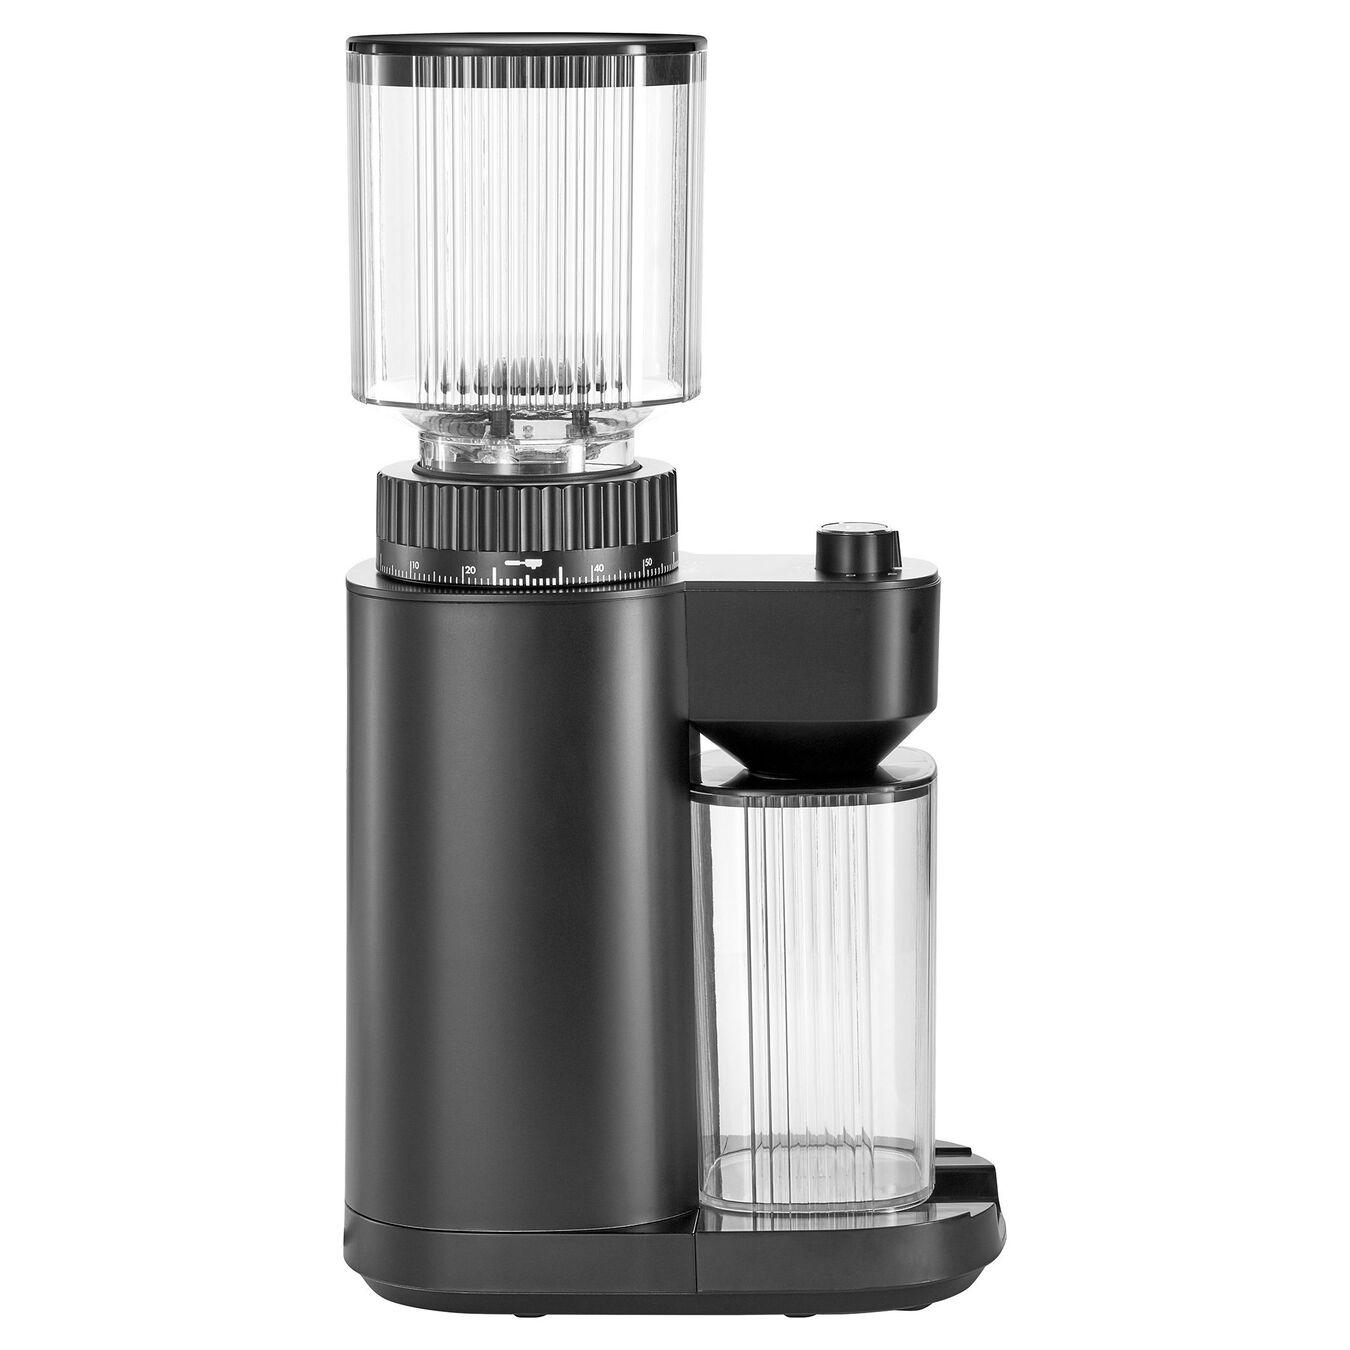 Coffee grinder,,large 3